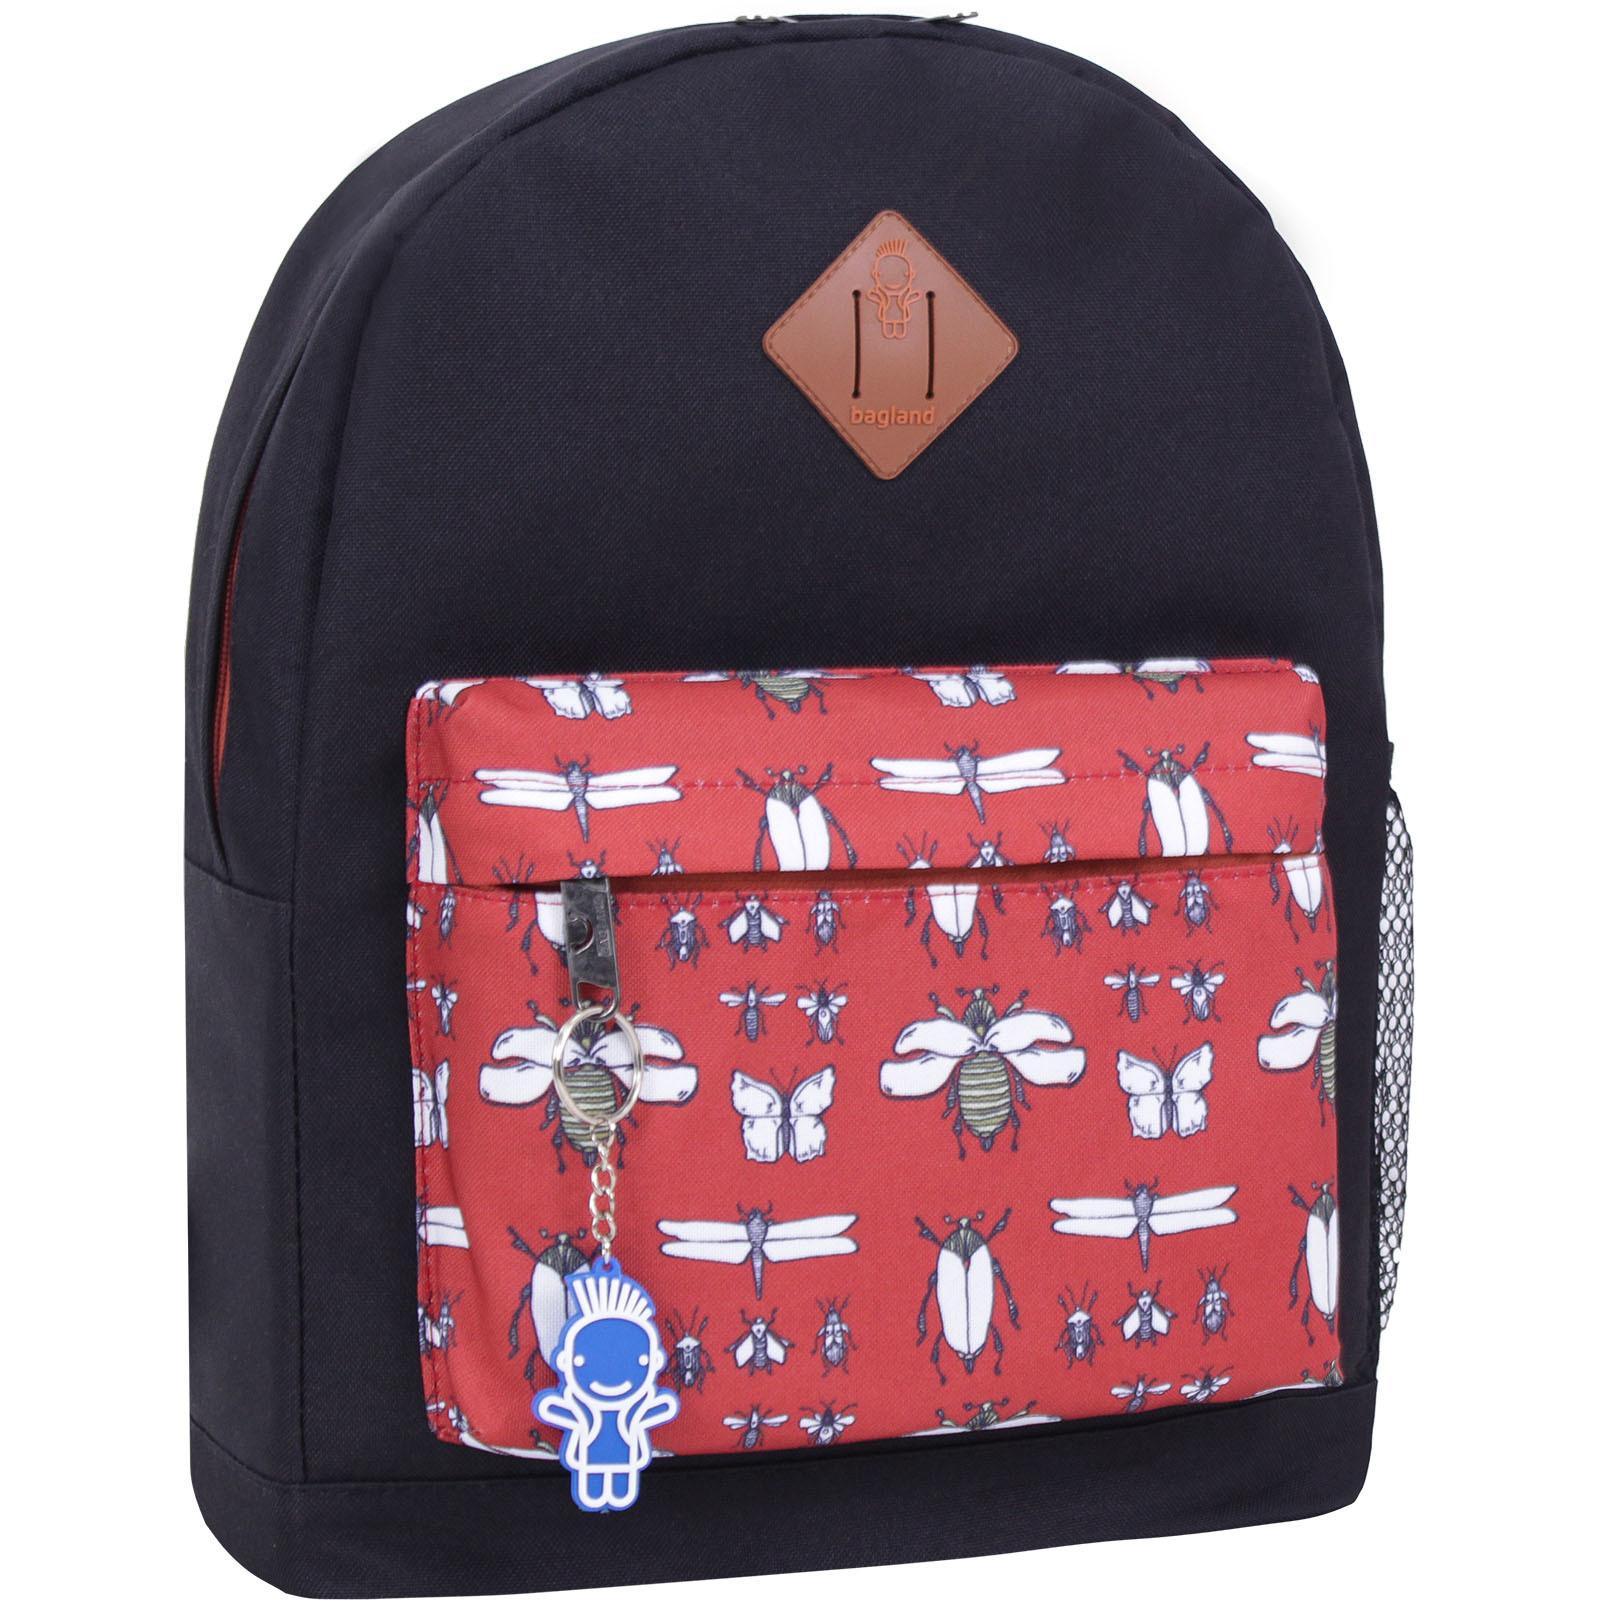 Городские рюкзаки Рюкзак Bagland Молодежный W/R 17 л. черный 448 (00533662) IMG_2505_448_-1600.jpg